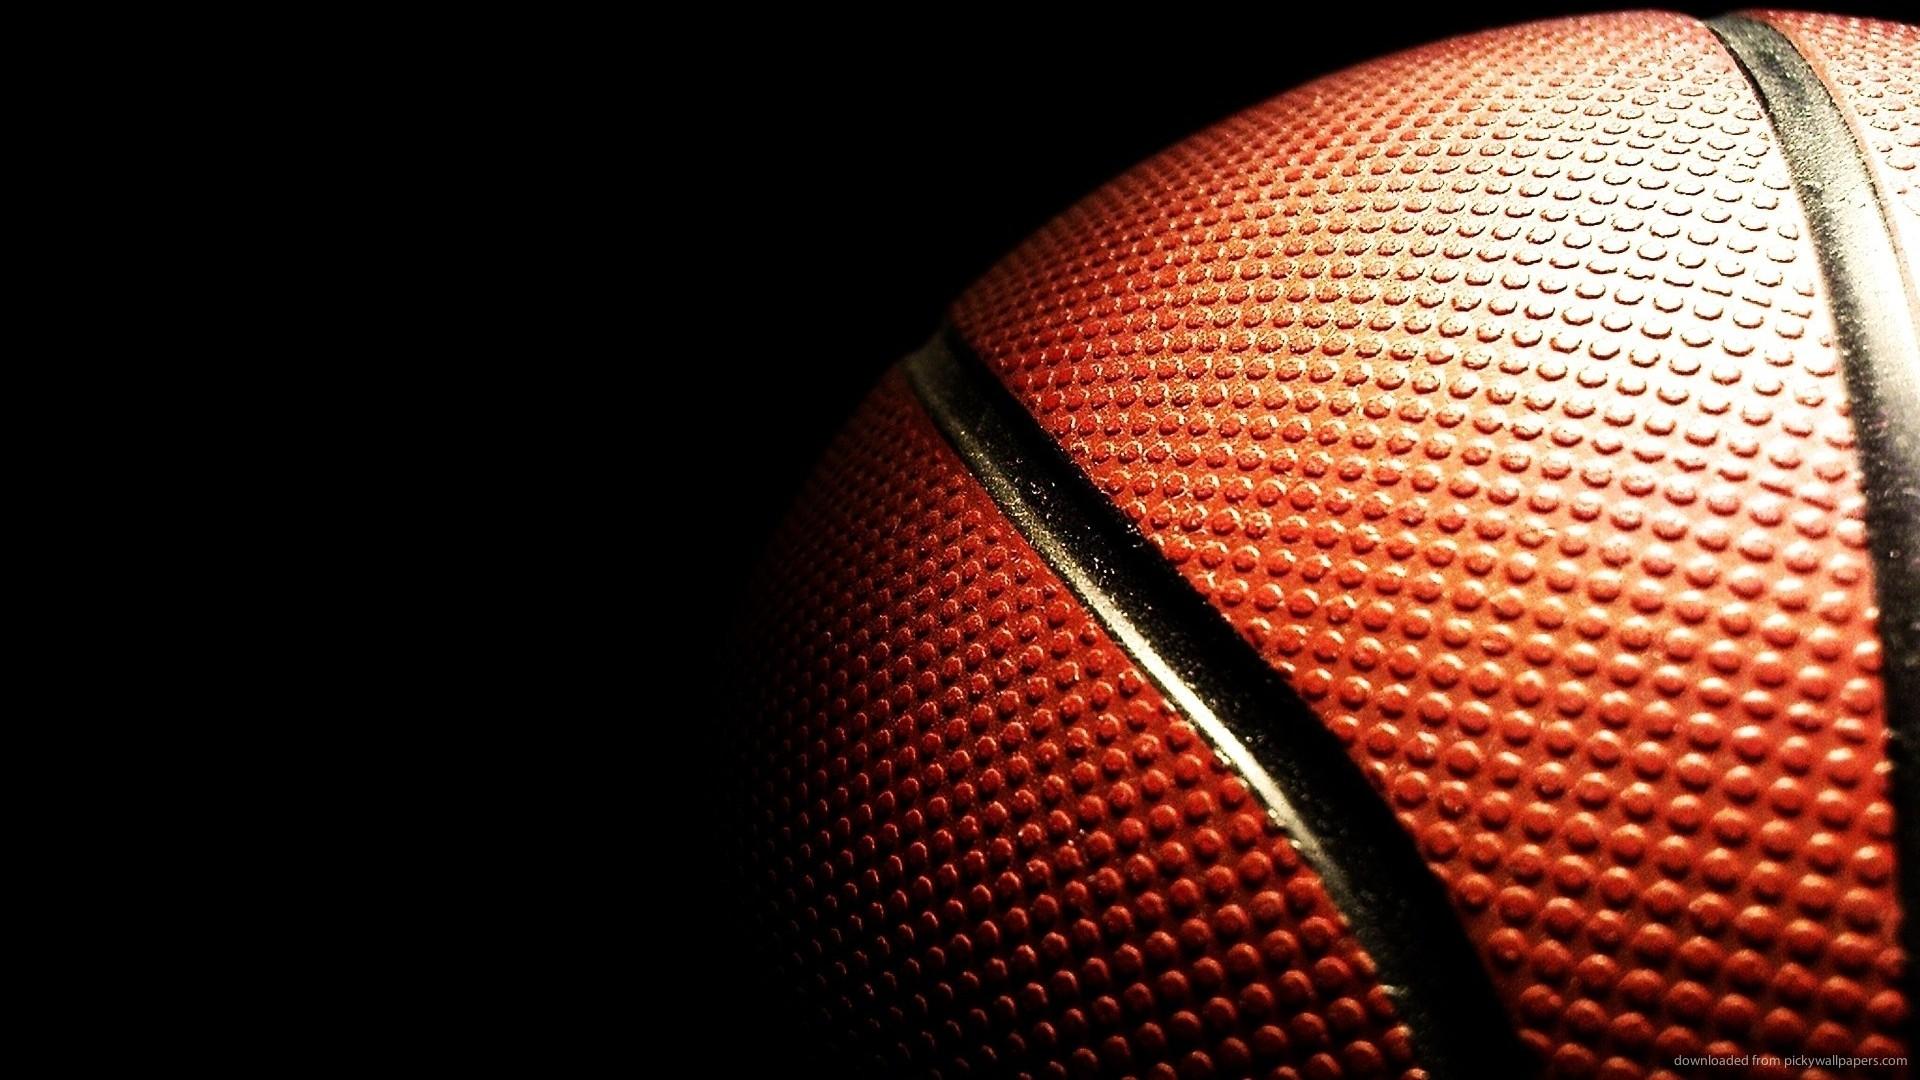 basketball wallpapers hd basketball wallpapers hd basketball 1920x1080